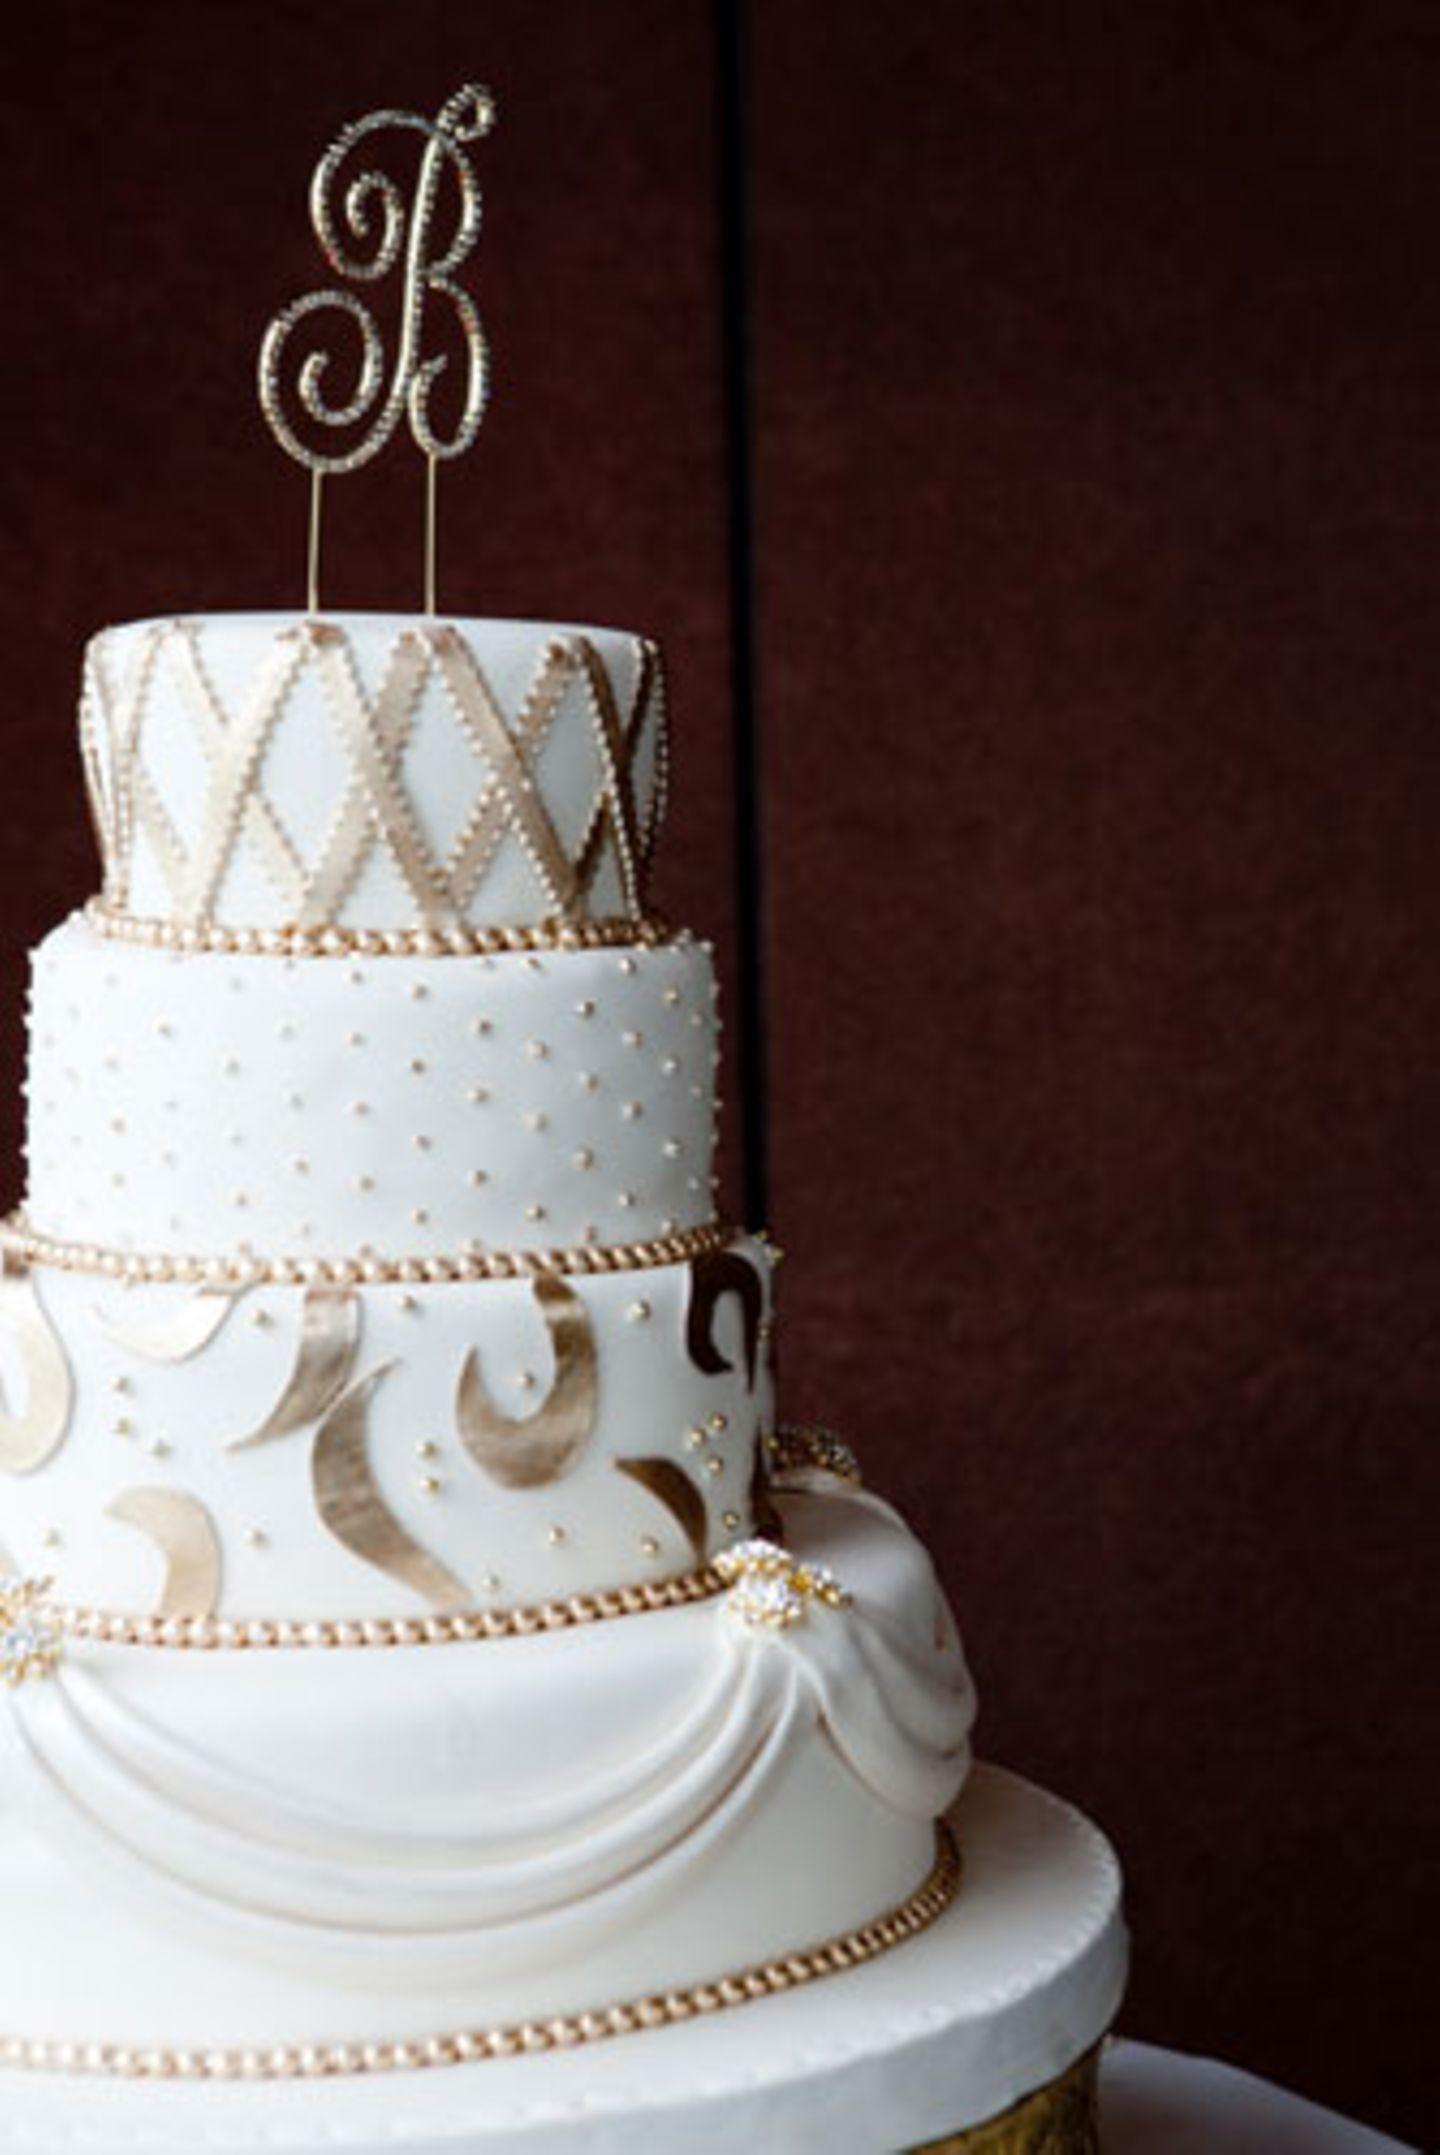 Zum Anbeißen schön: Die Hochzeitstorte.